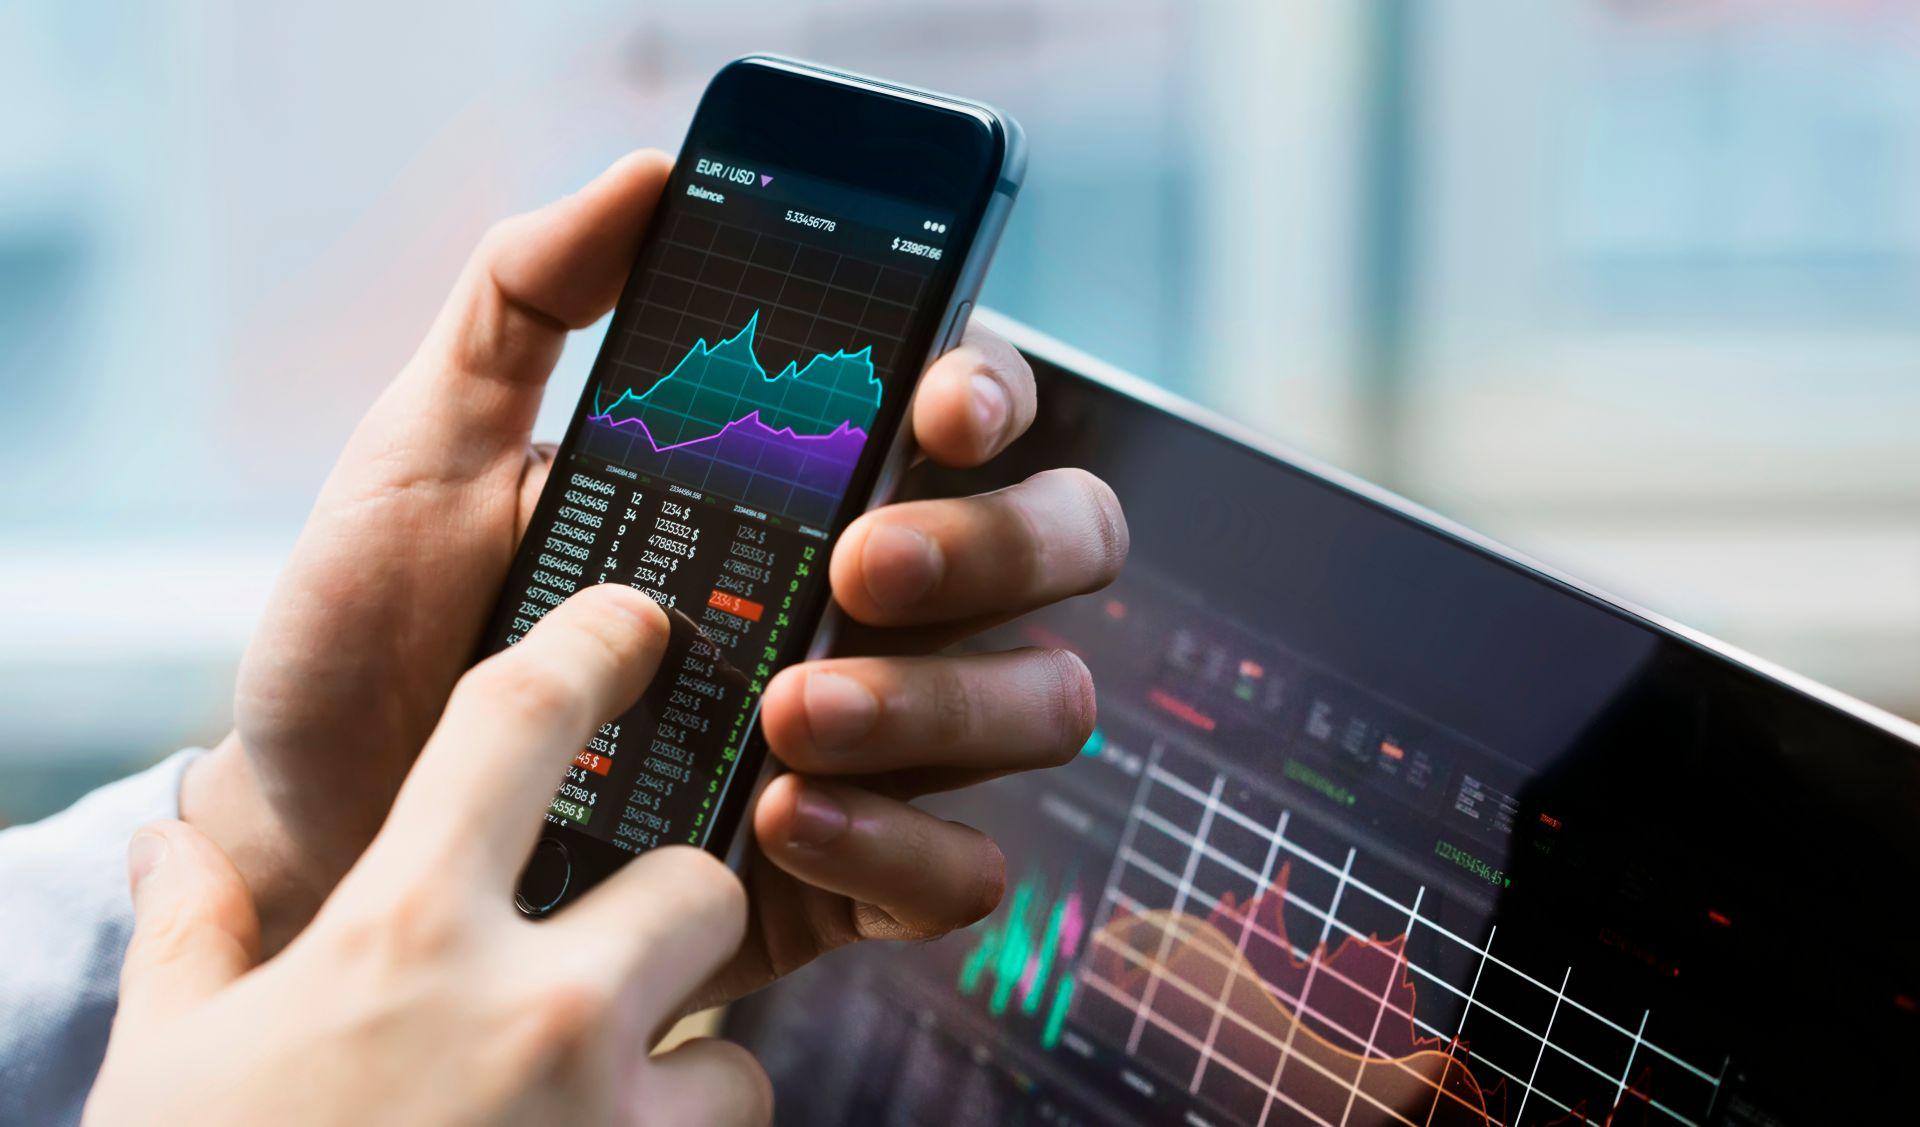 「有人贷」炒股入门视频教程:股票投资计划